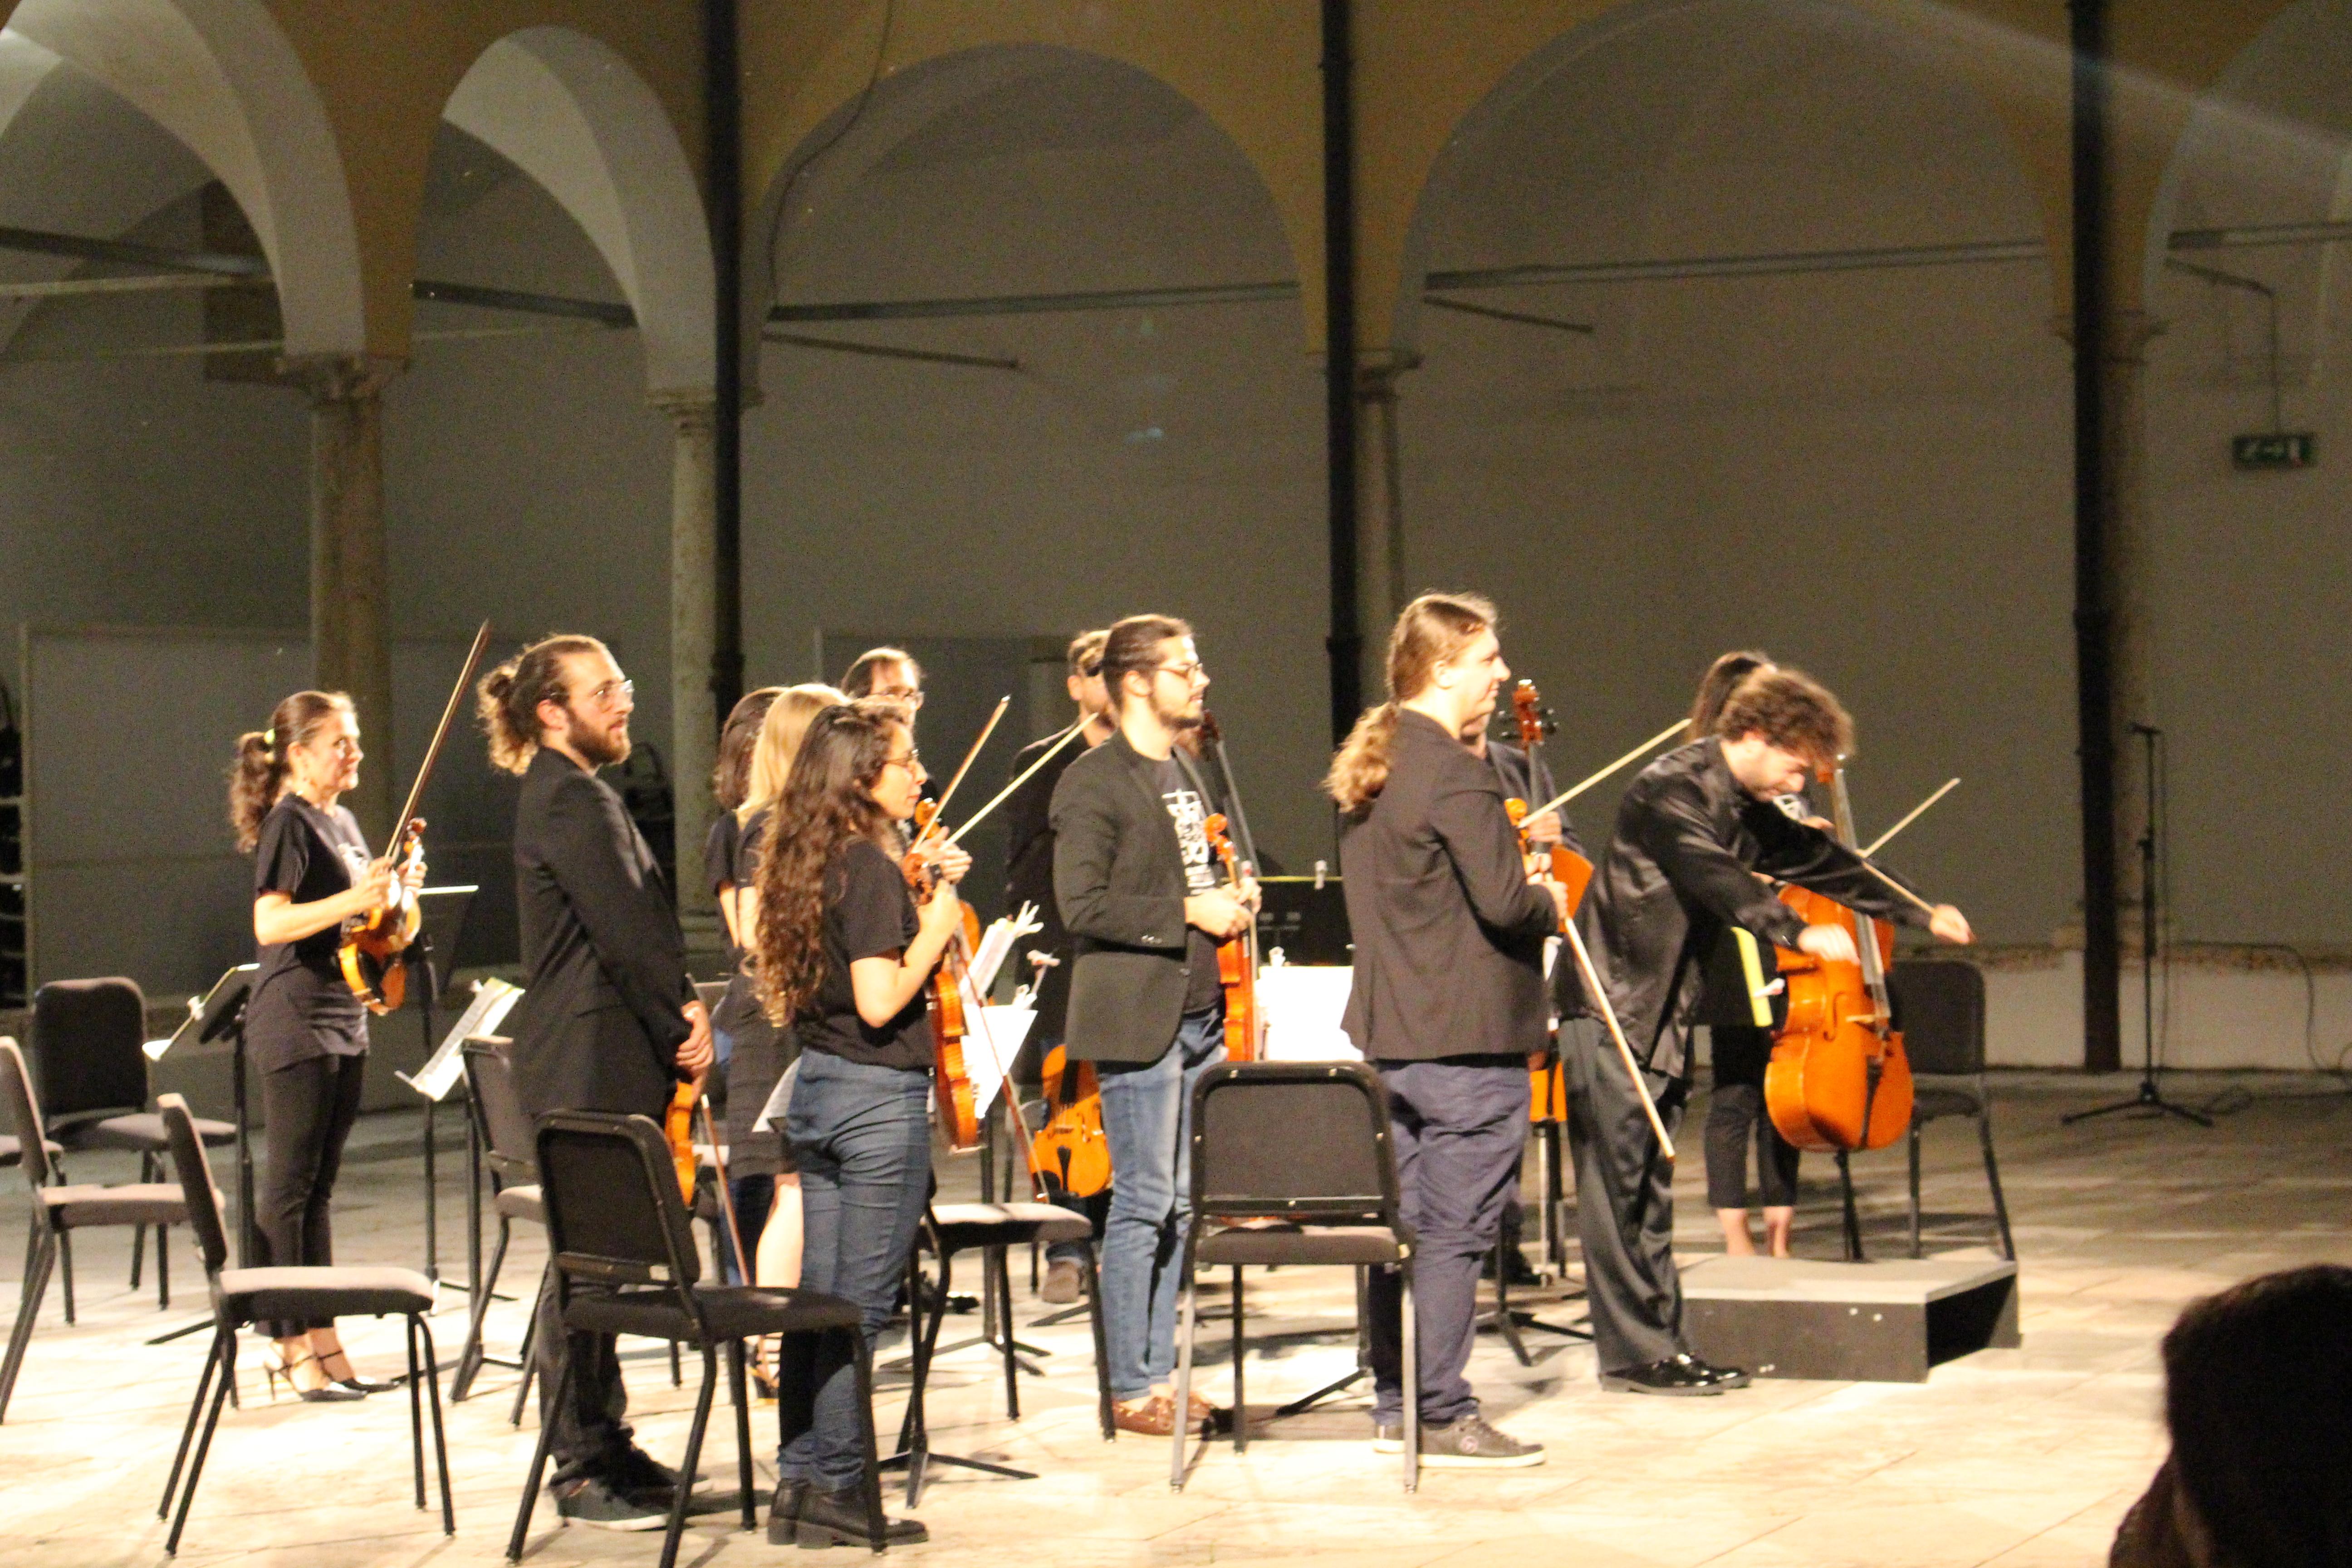 orchestra machiavelli concerto in chiostro conservatorio dall'abaco